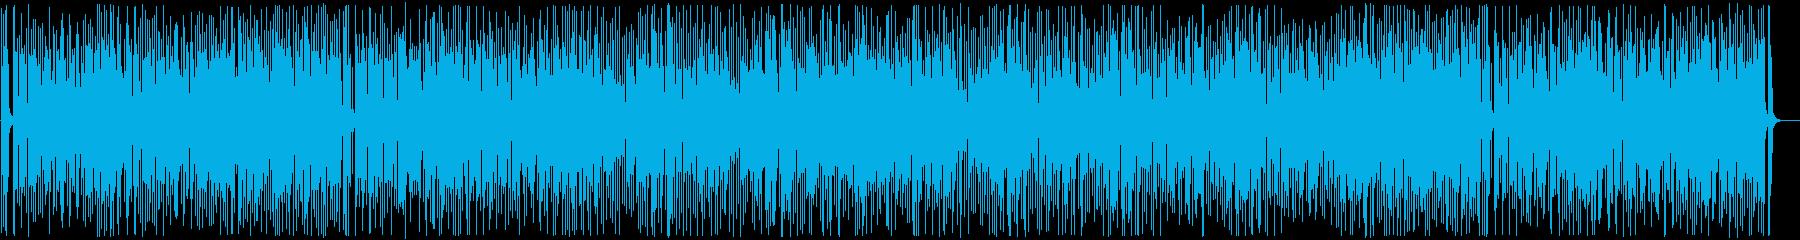 ウキウキするお洒落カワイイ曲の再生済みの波形